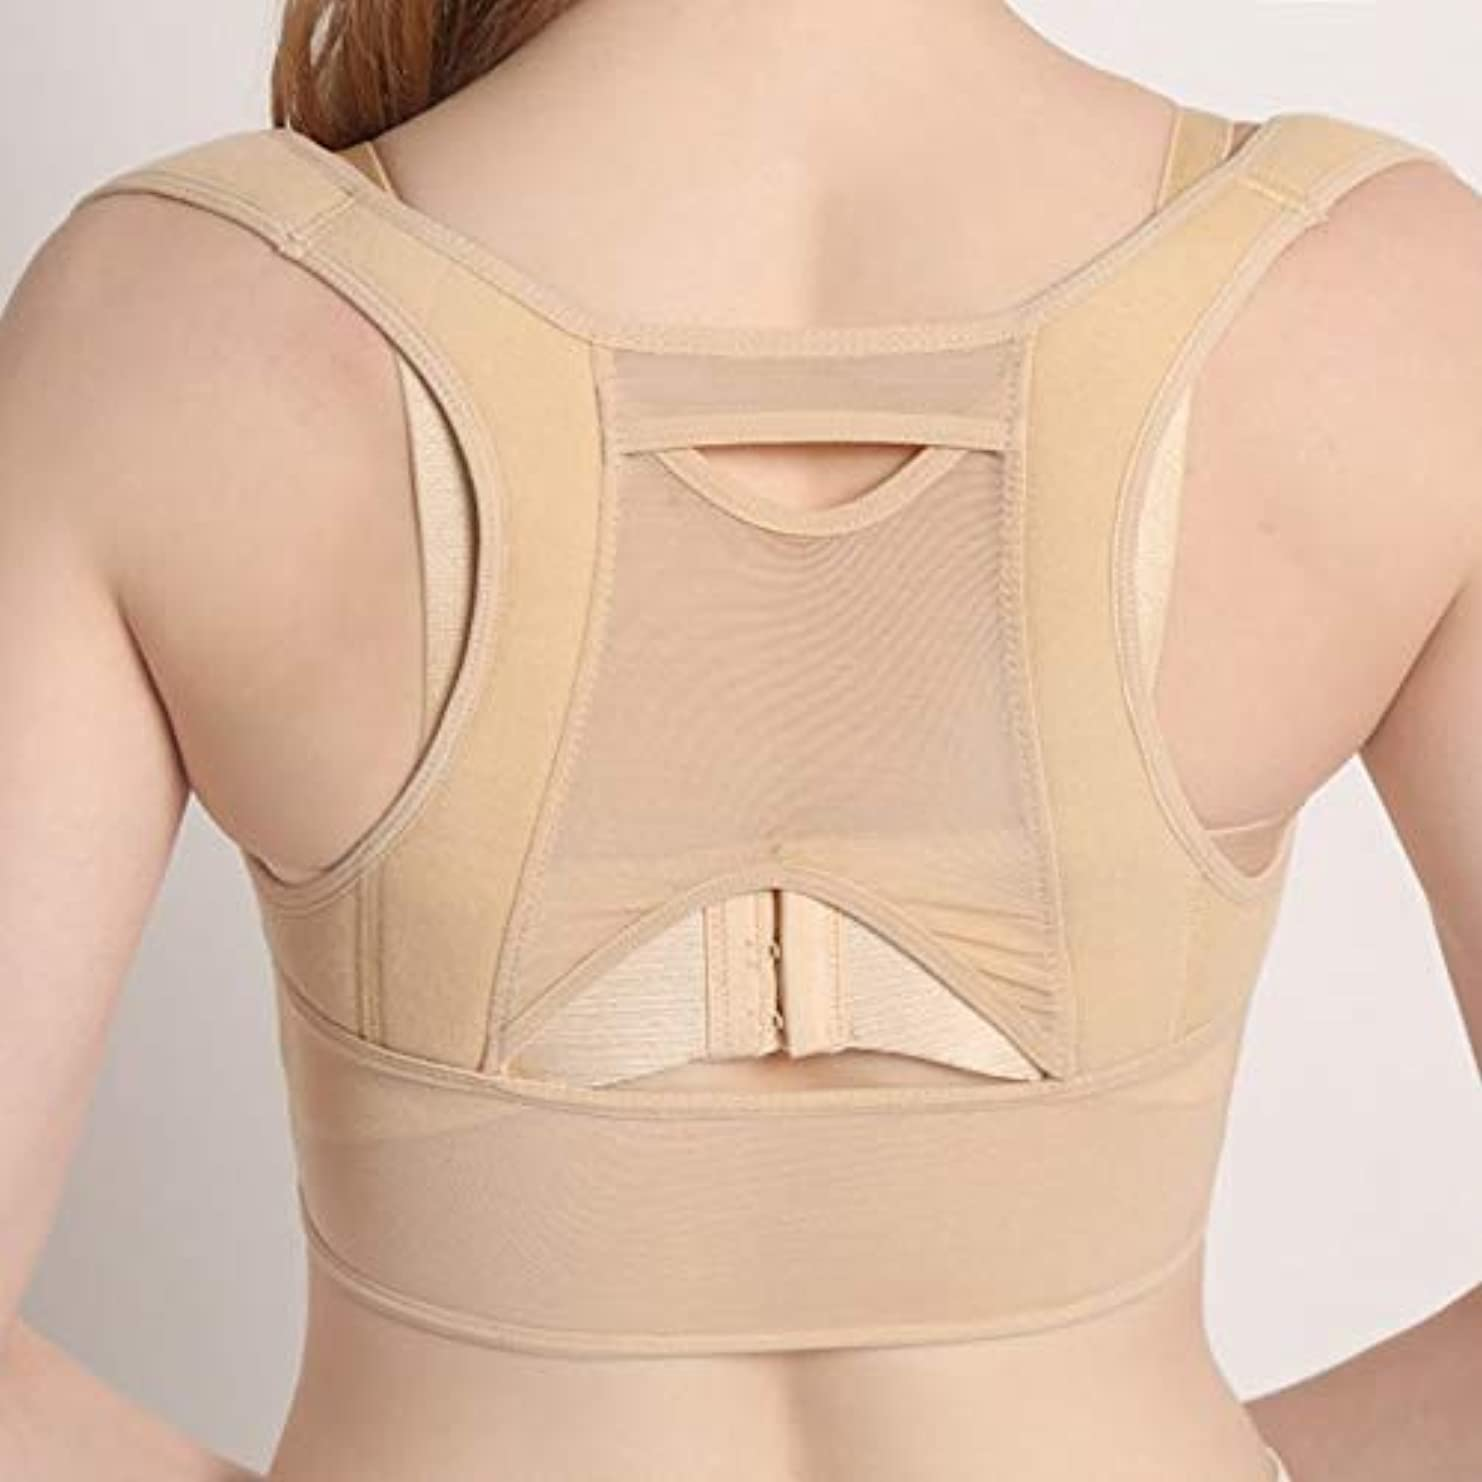 残酷なパプアニューギニア囲む通気性のある女性の背中の姿勢矯正コルセット整形外科の肩の背骨の姿勢矯正腰椎サポート - ベージュホワイトM